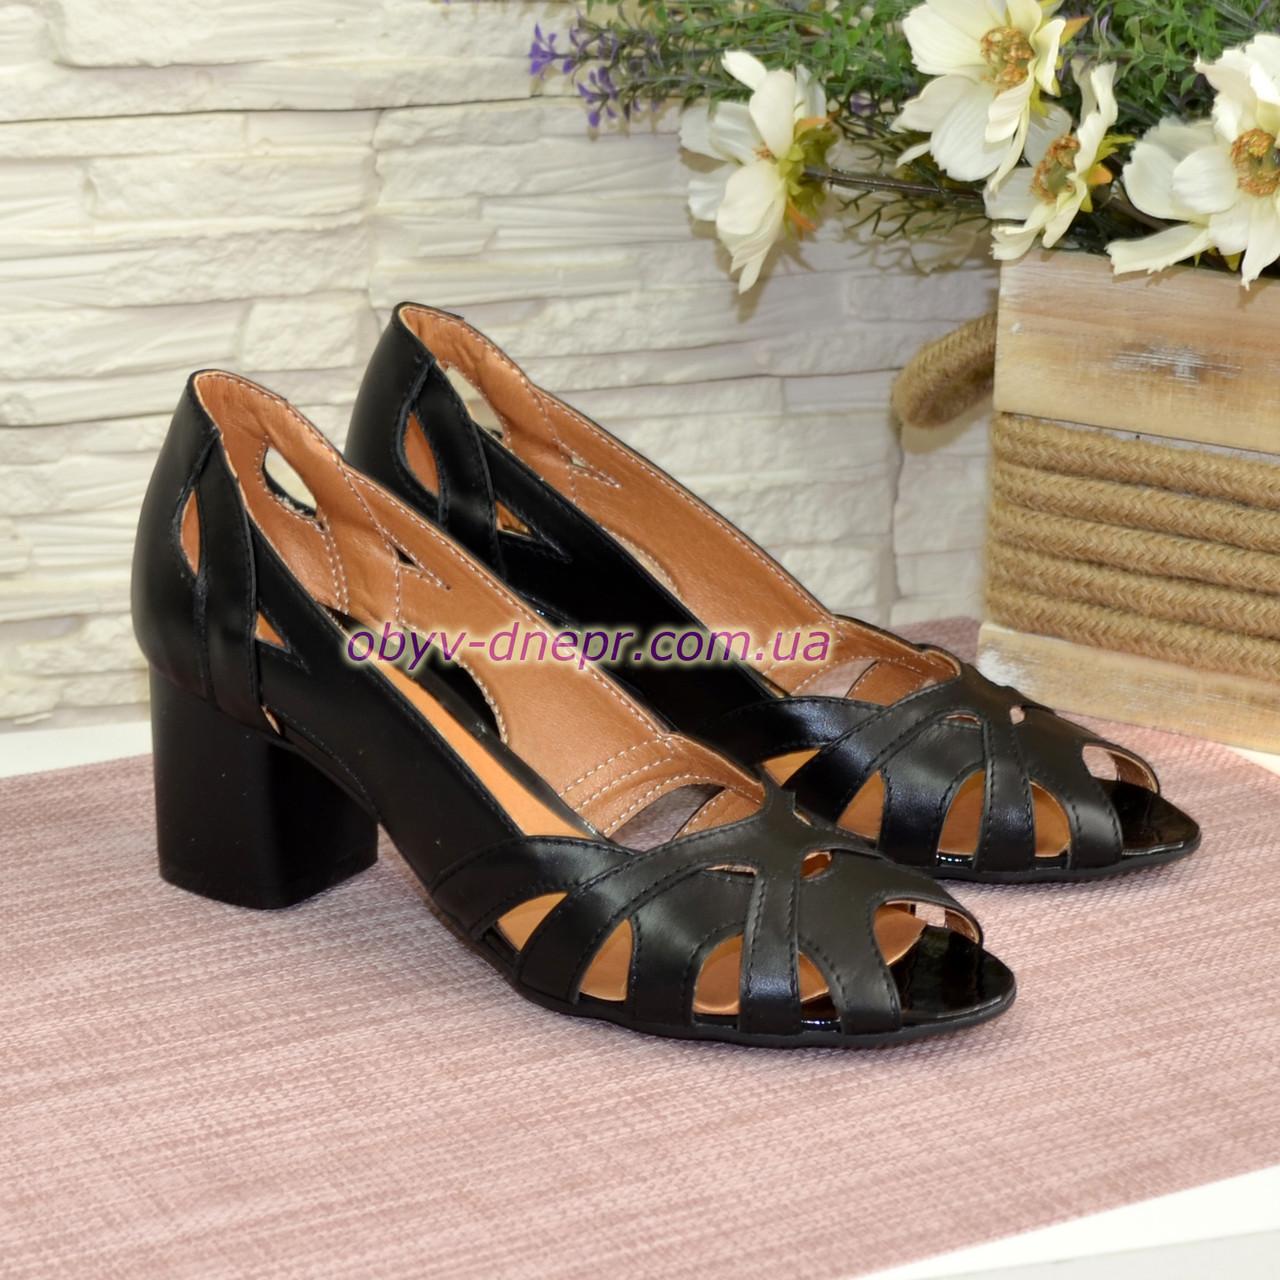 Кожаные черные женские босоножки на невысоком устойчивом каблуке